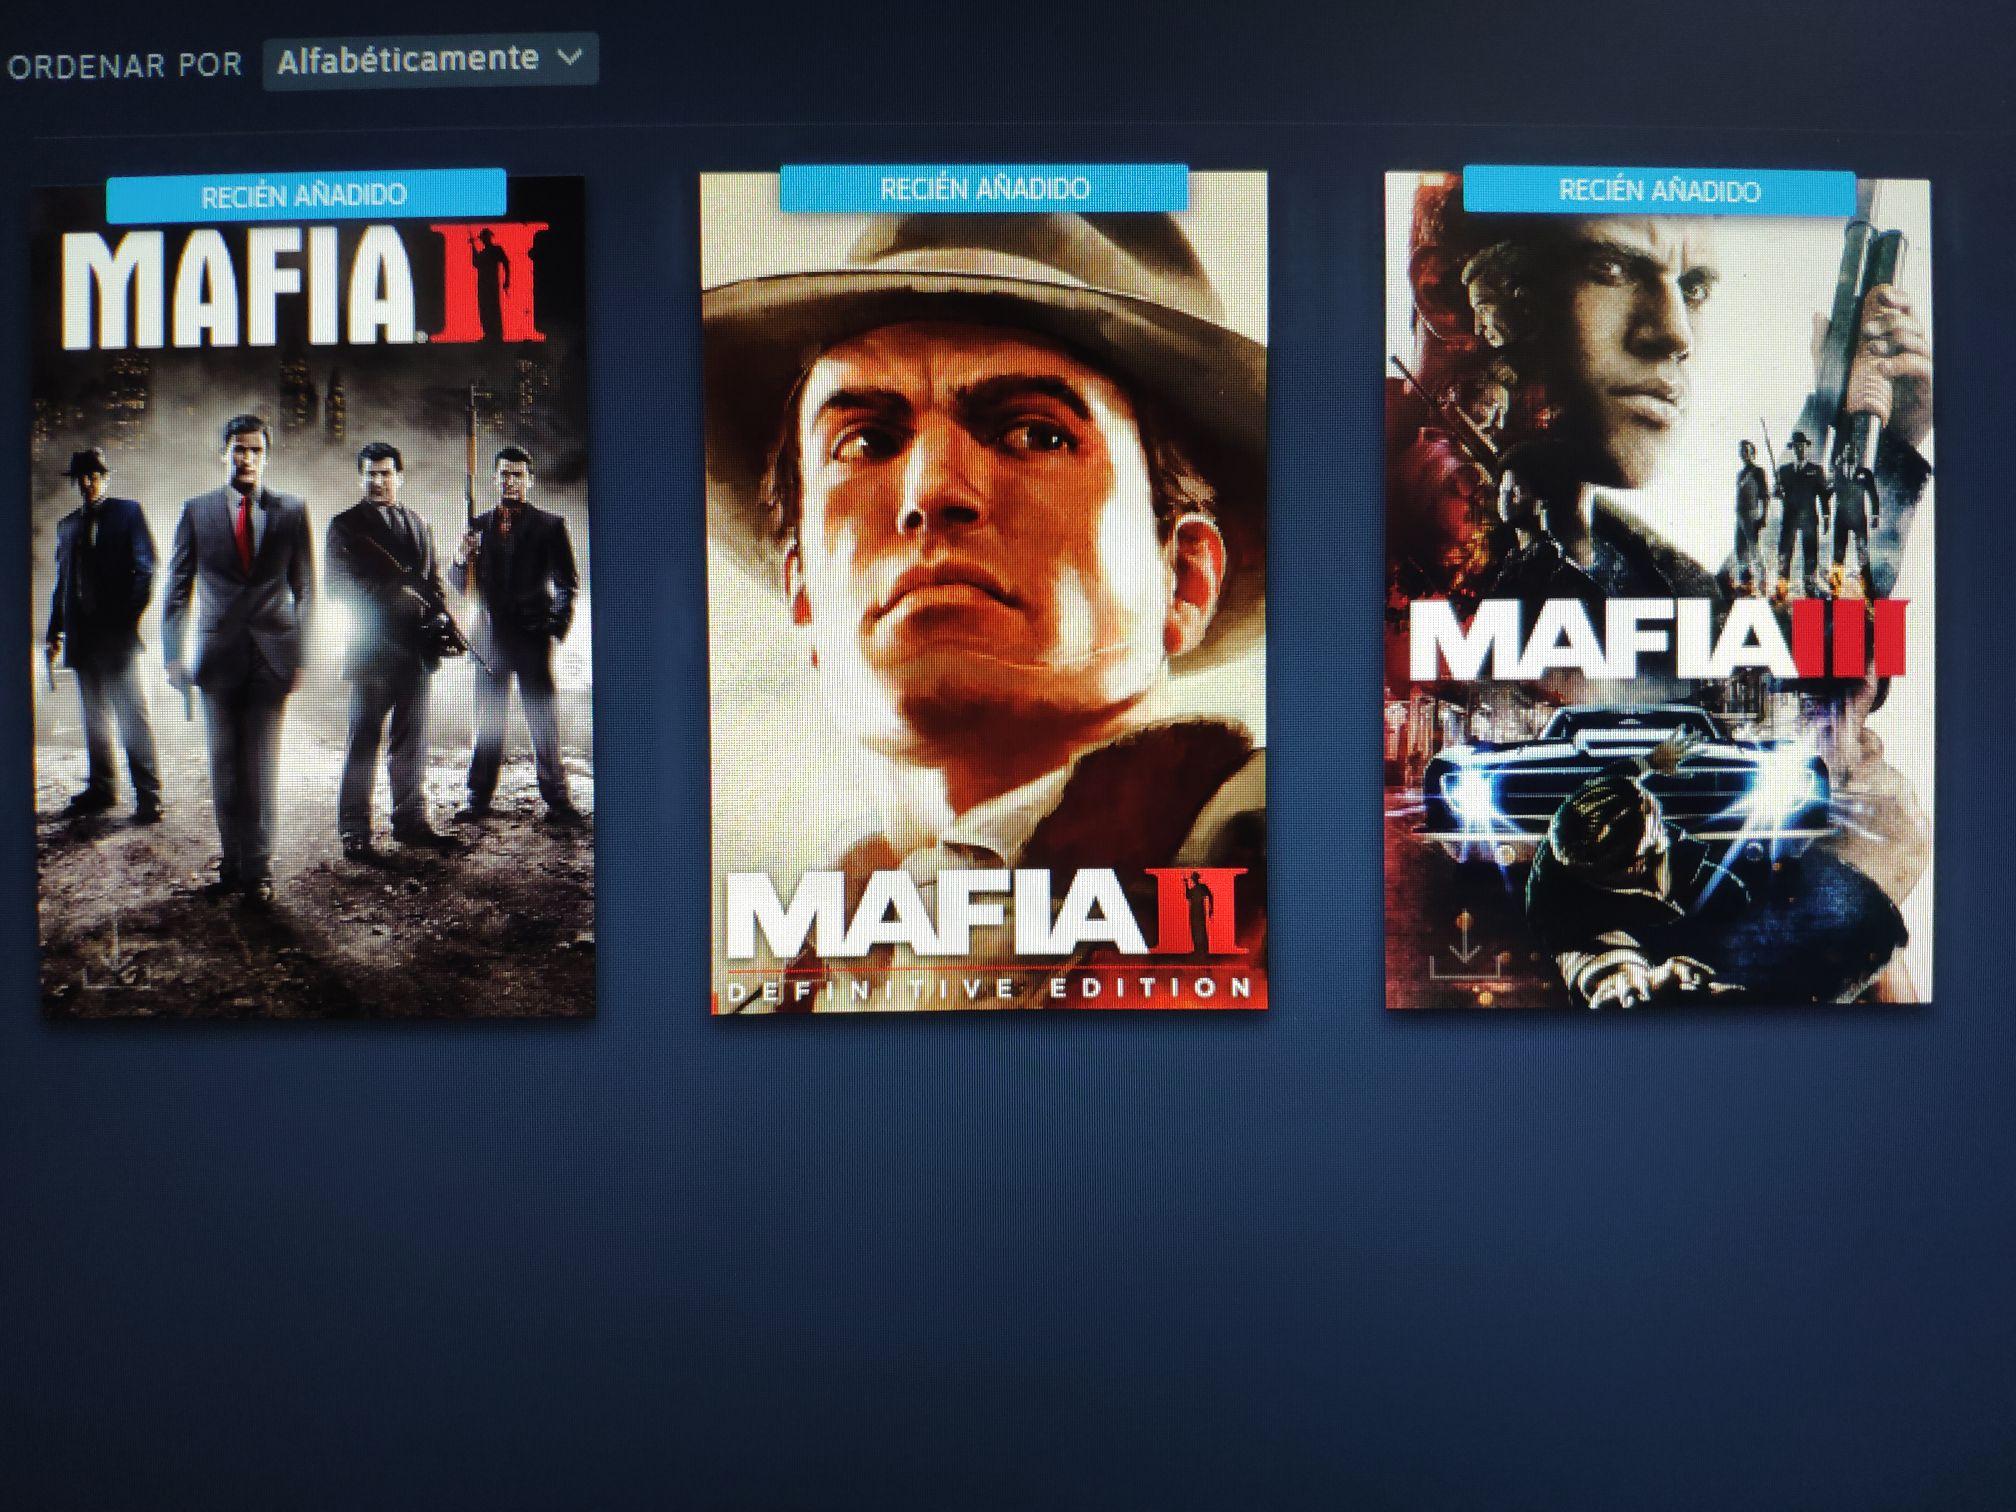 Ediciones definitivas de Mafia II Y Mafia III a 12€ y 7€